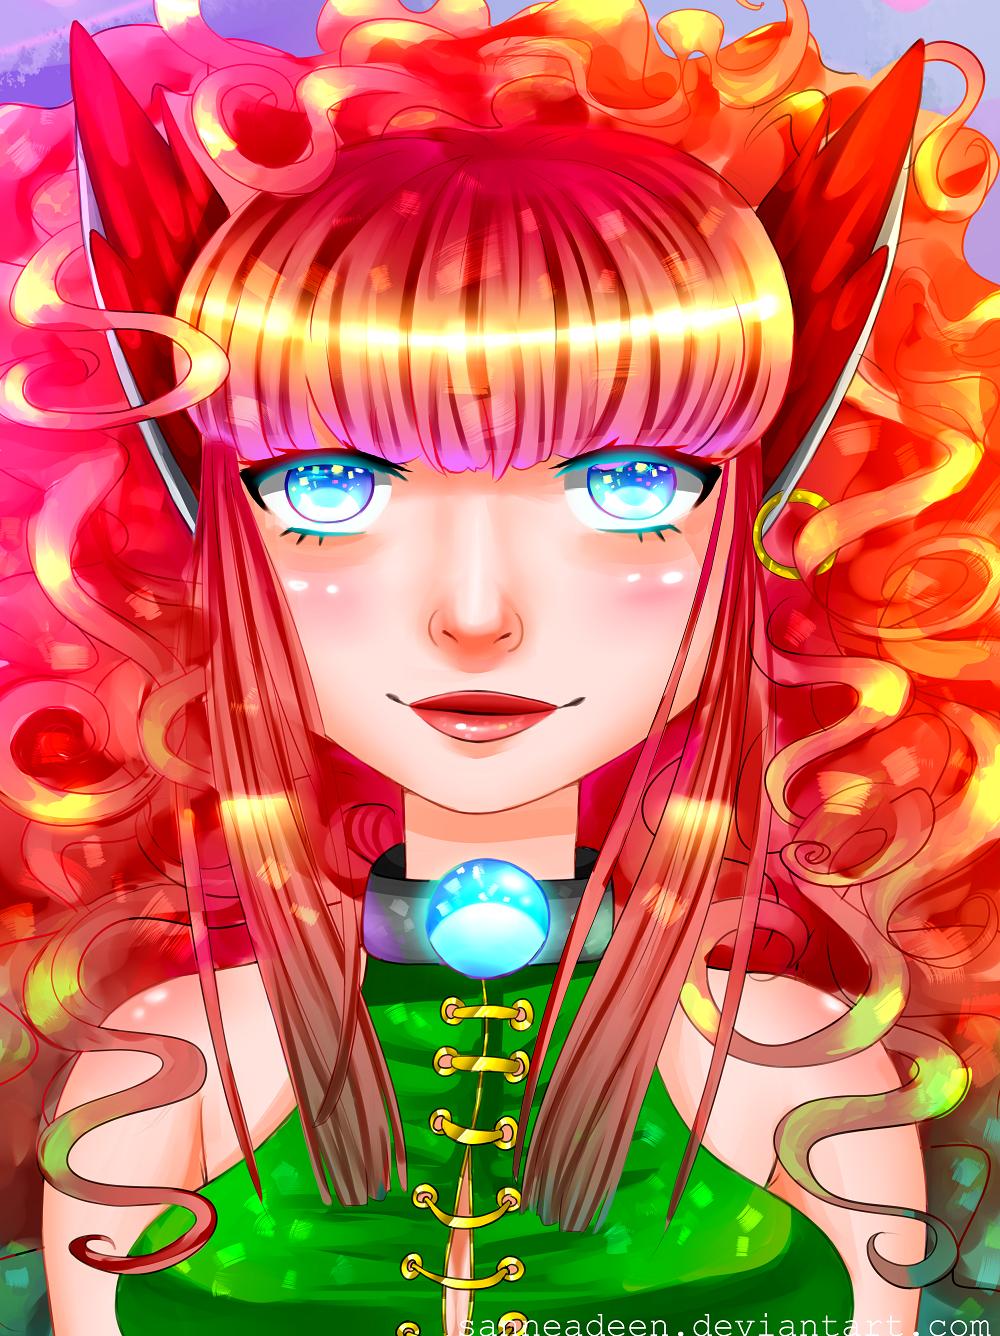 SanneAdeen's Profile Picture